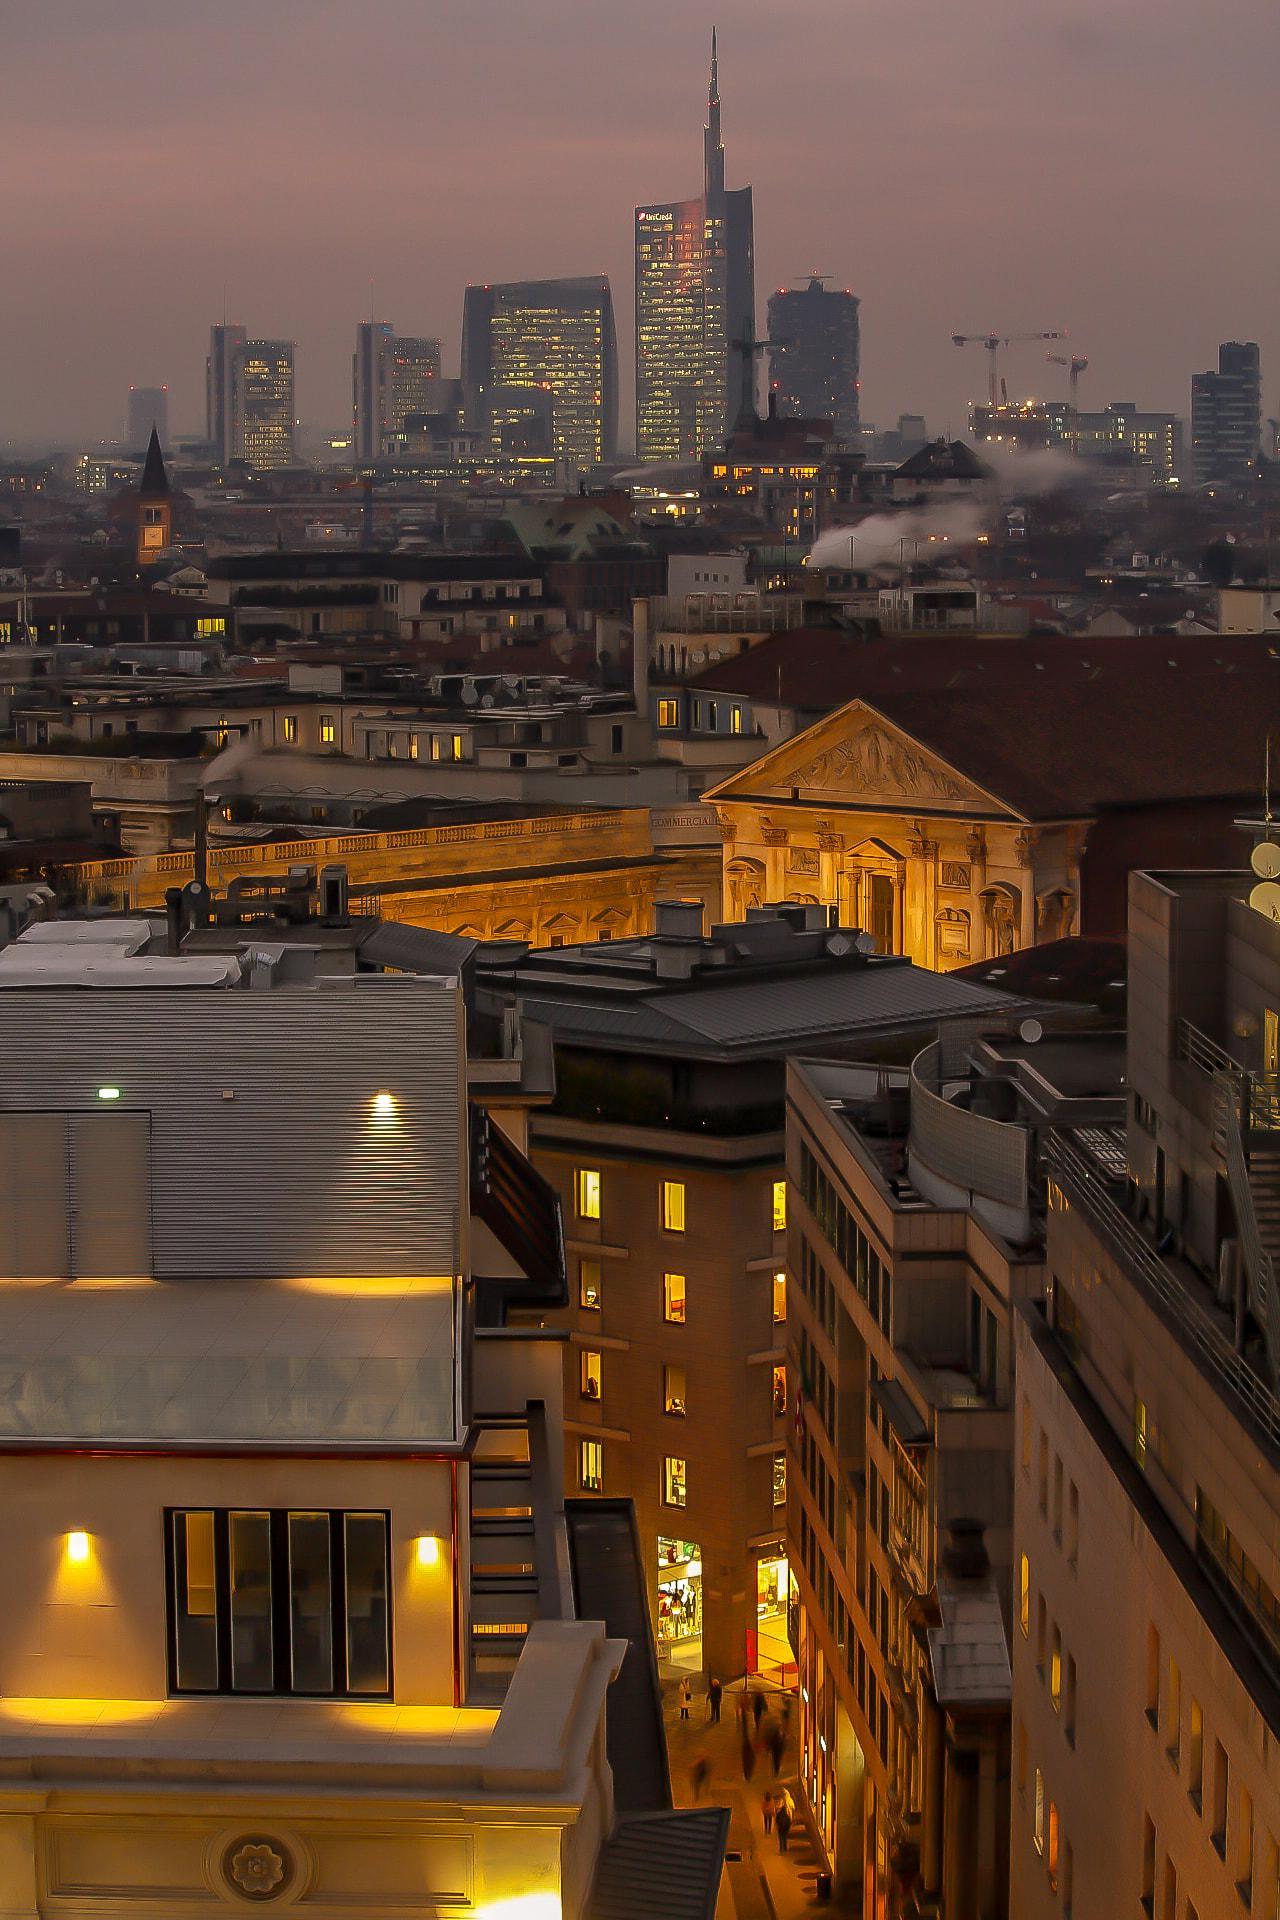 Skyline di Miilano visto dal Duomo - ©2020 Alessandro Barberio